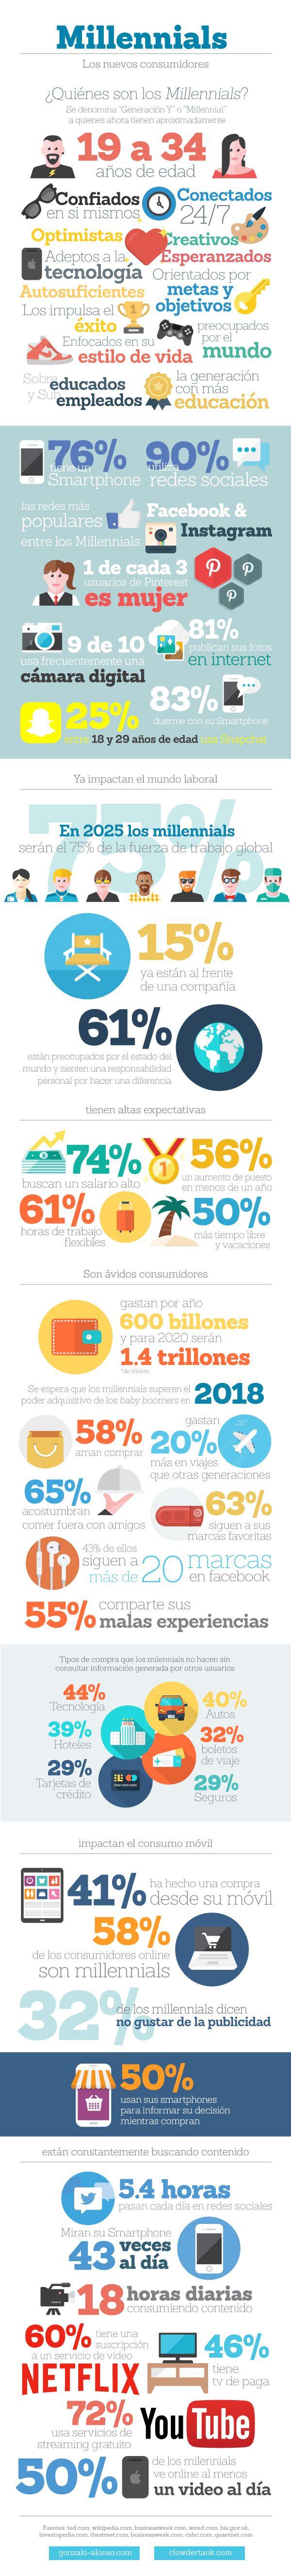 Millennials, los nuevos consumidores de tu marca. Estrategia de ventas y mercadotecnia.